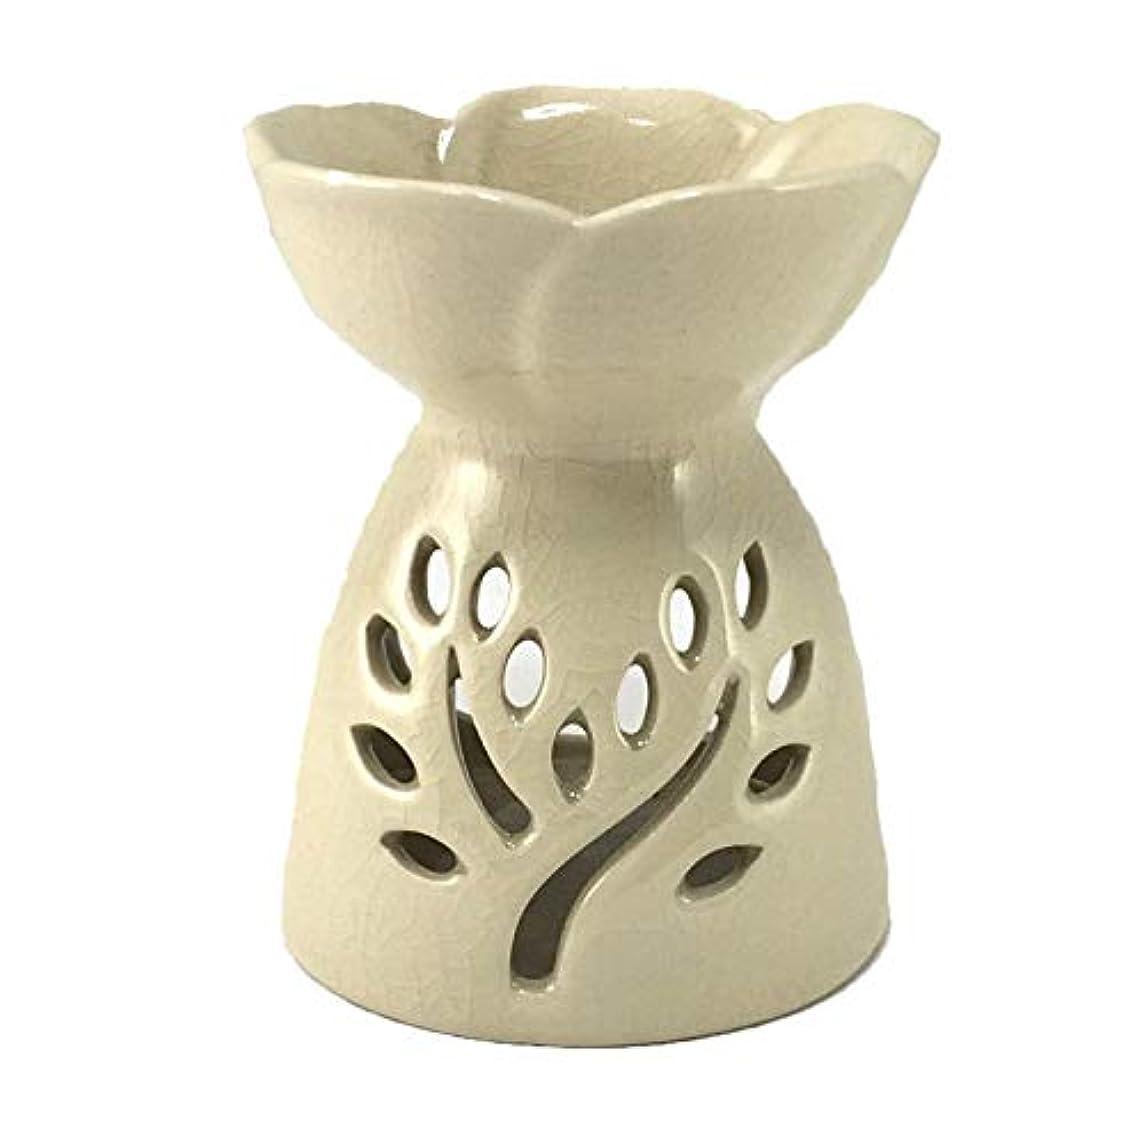 モック遺跡優雅アロマポット ツリー模様スリット 陶器アロマバーナー